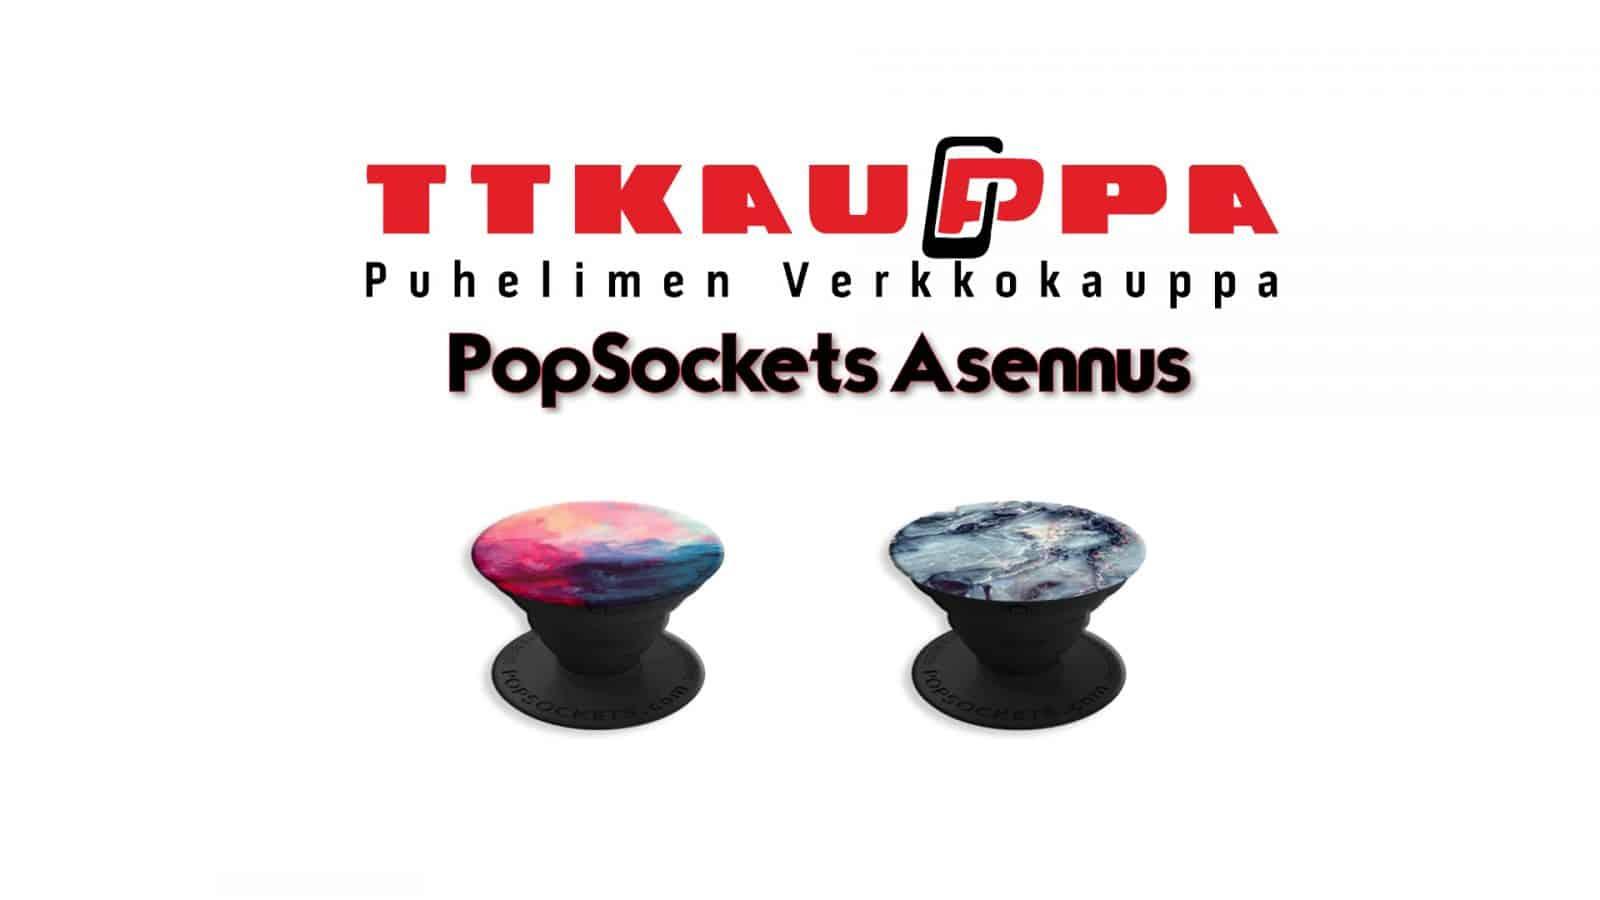 PopSockets asennus